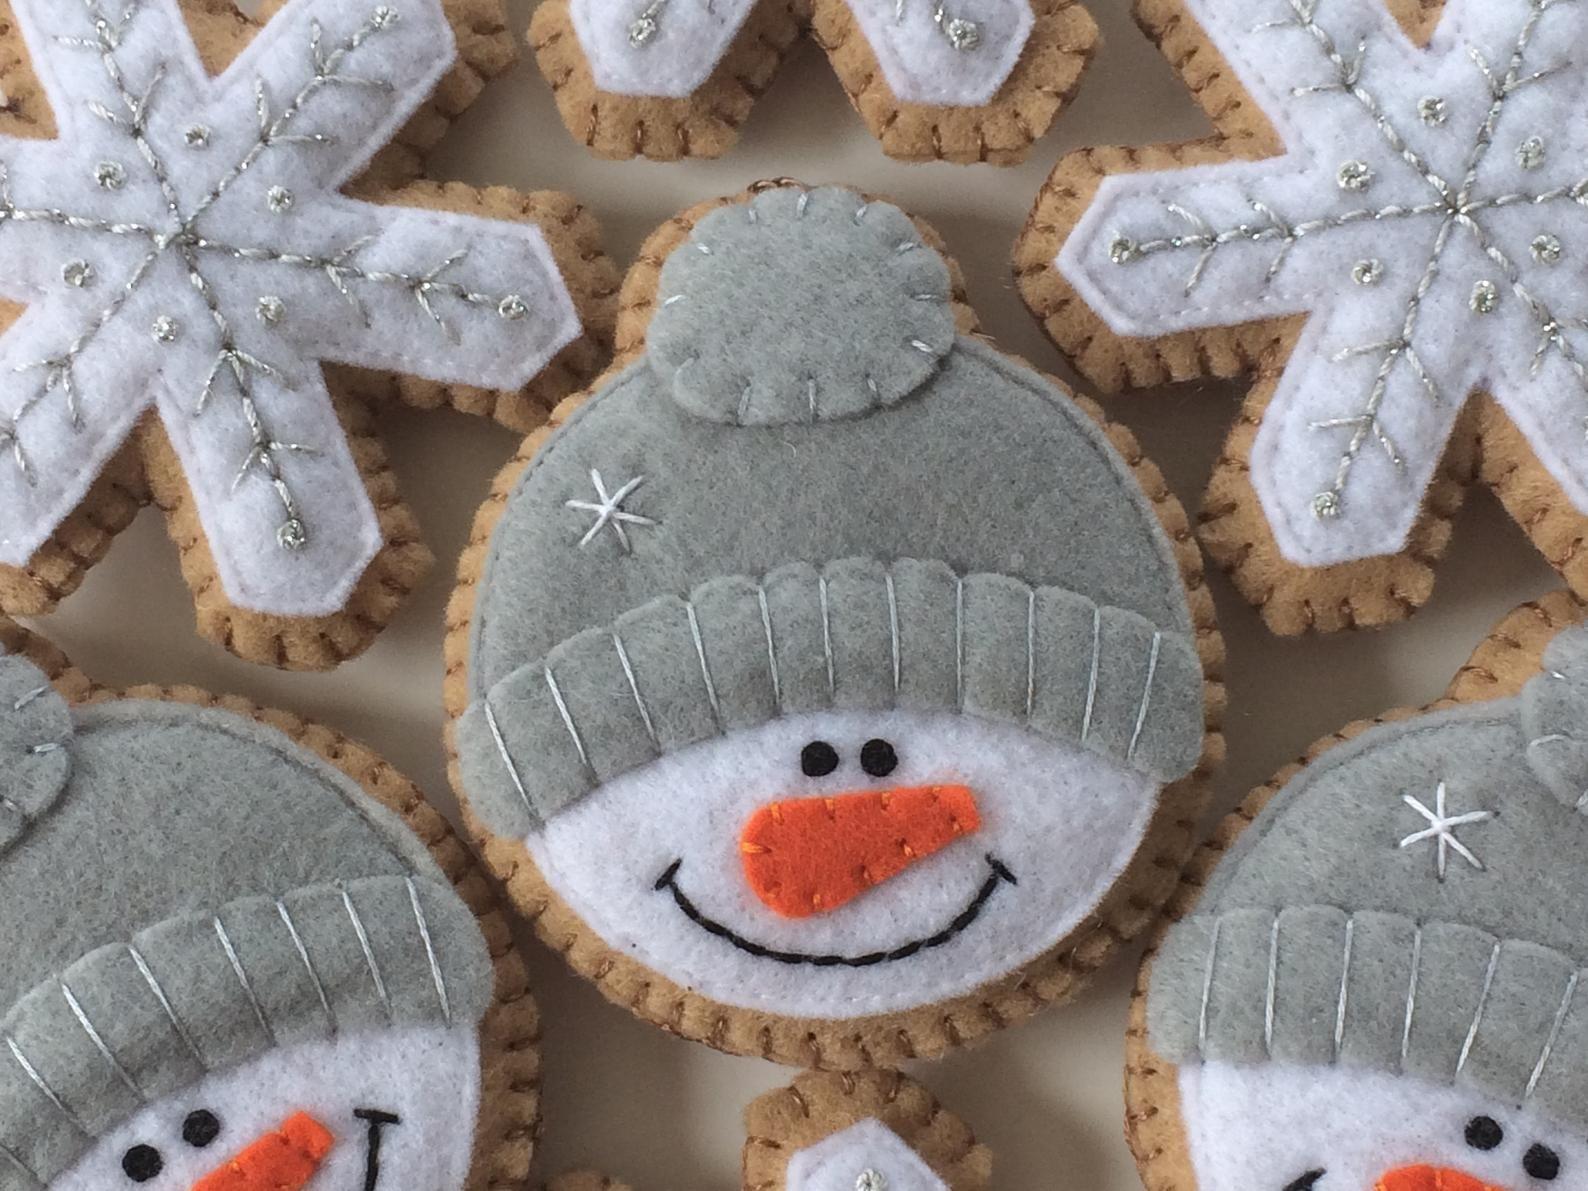 Felt Snowman Christmas Ornaments Christmas Decoration Etsy Felt Crafts Christmas Felt Christmas Ornaments Felt Christmas Decorations